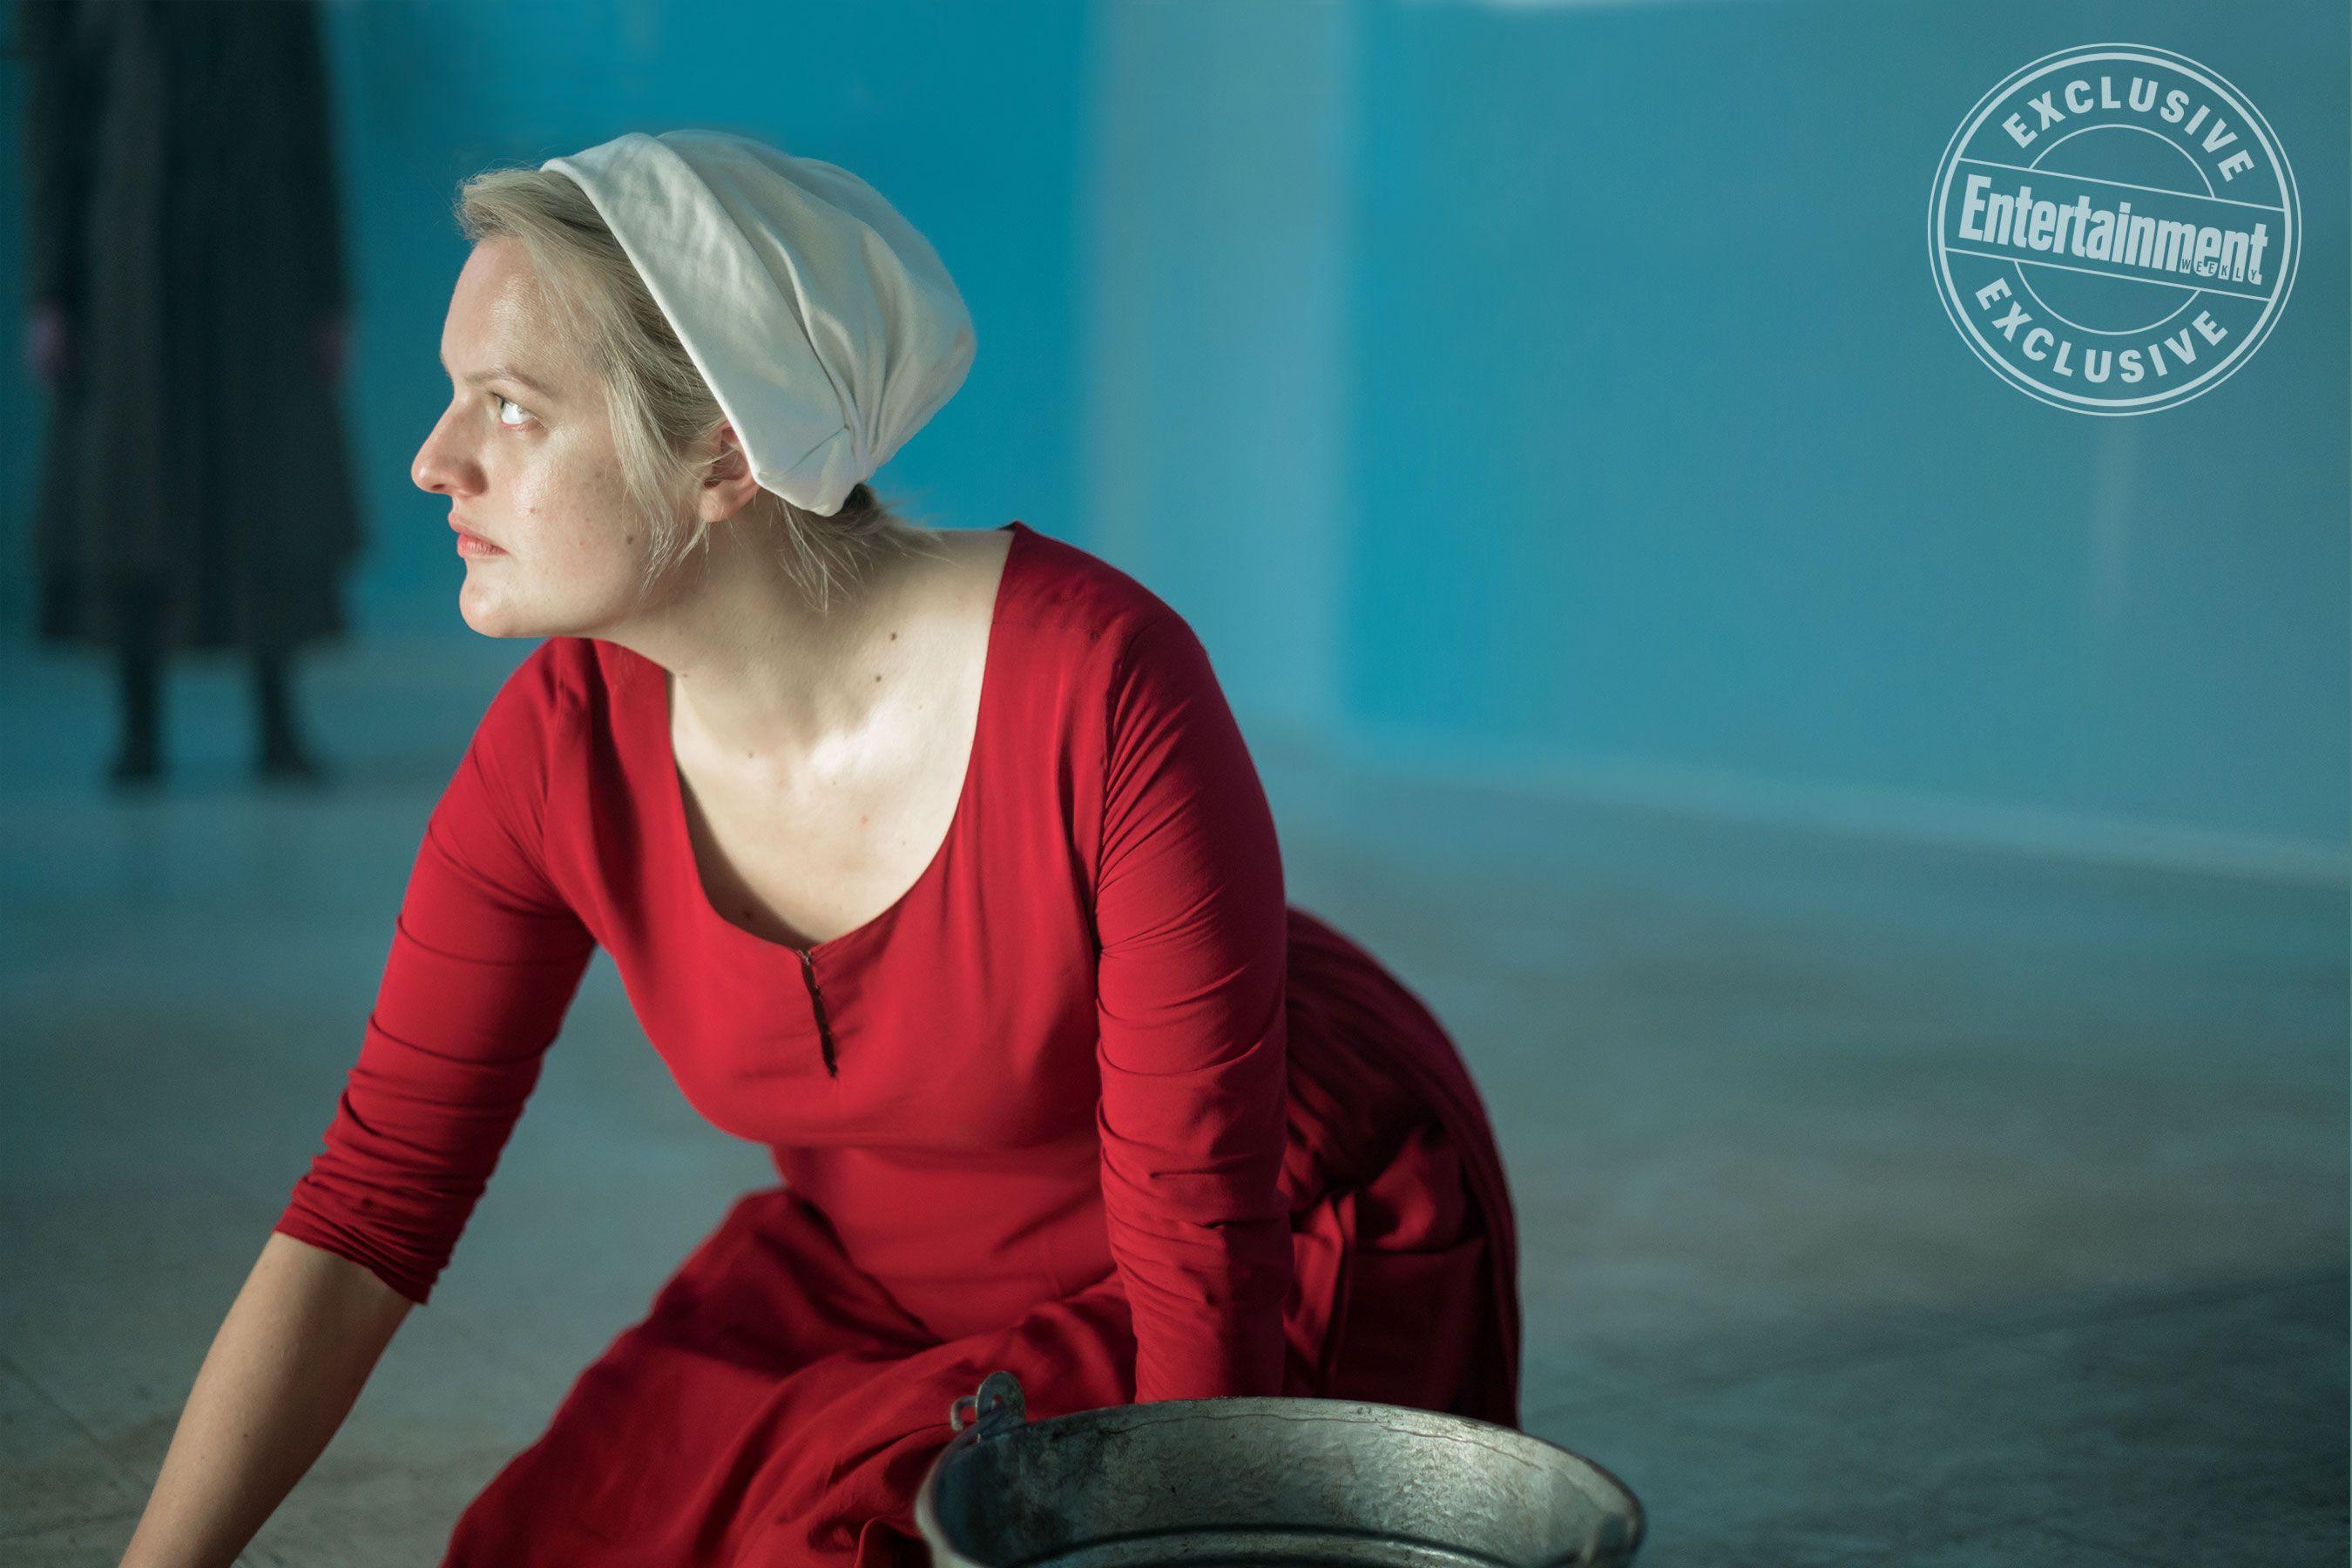 The Handmaid S Tale Cast Teases Season 3 You Have To Fight Fire With Fire The Handmaid S Tale Cast Elisabeth Moss The Handmaid S Tale Series